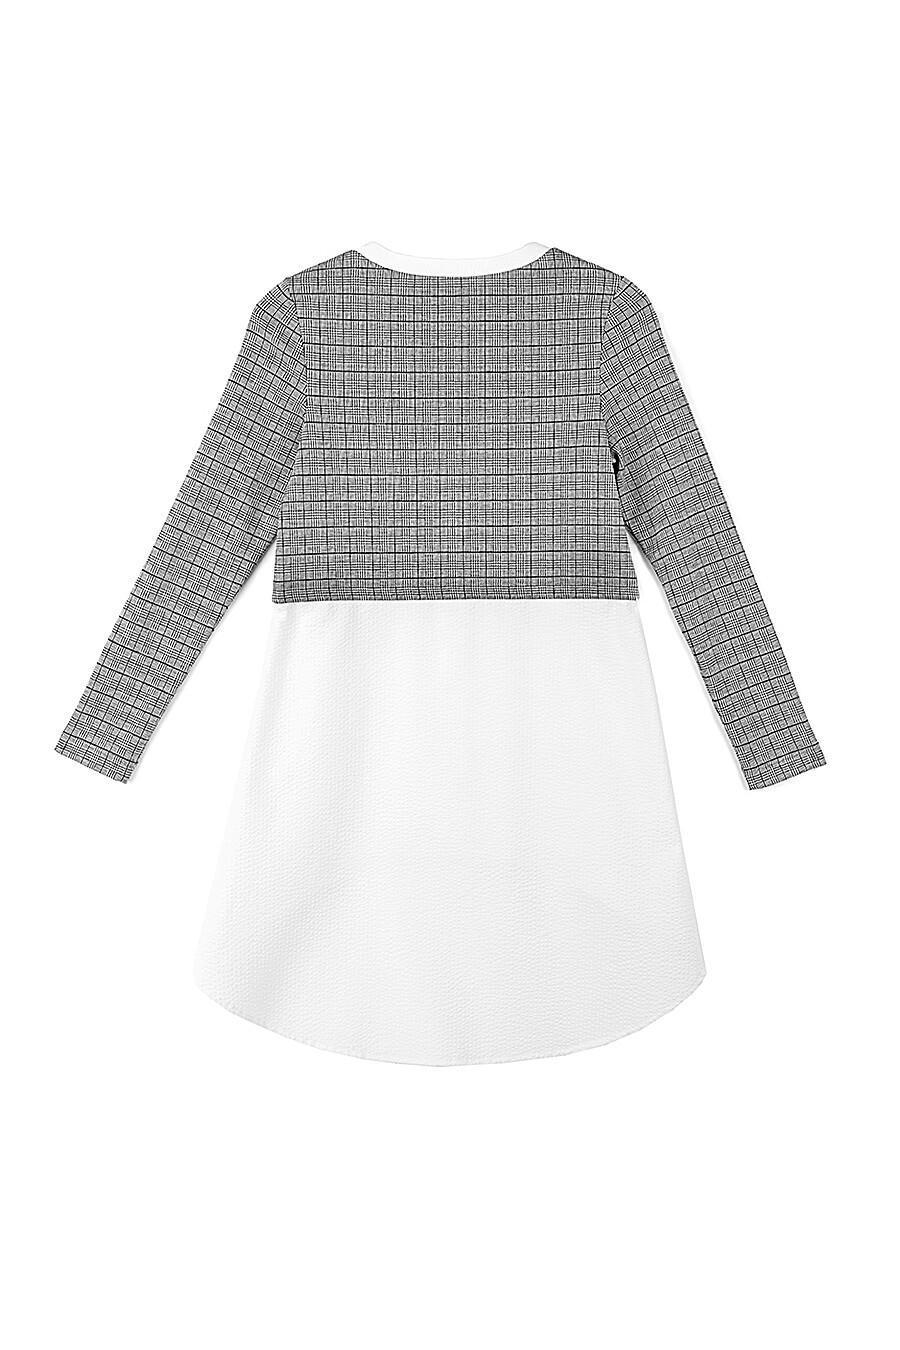 Туника для женщин CONTE ELEGANT 165591 купить оптом от производителя. Совместная покупка женской одежды в OptMoyo